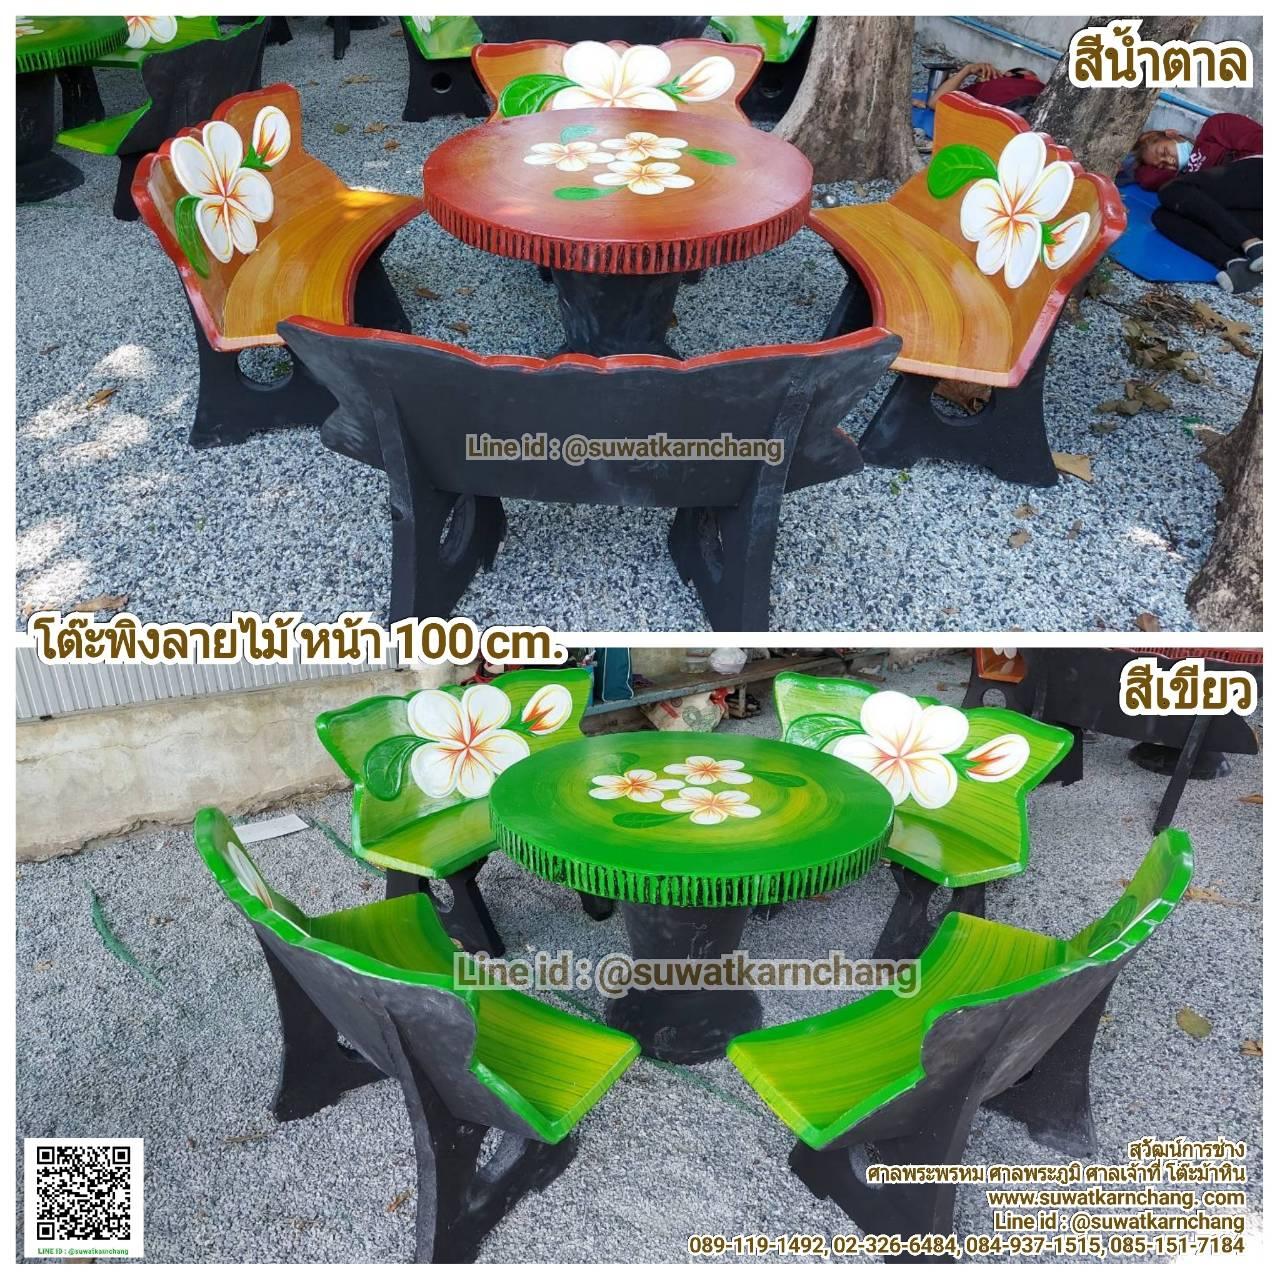 โต๊ะลายไม้ เพ้นท์ดอกลีลาวดี สีน้ำตาล และสีเขียว หน้า 100 ซม.